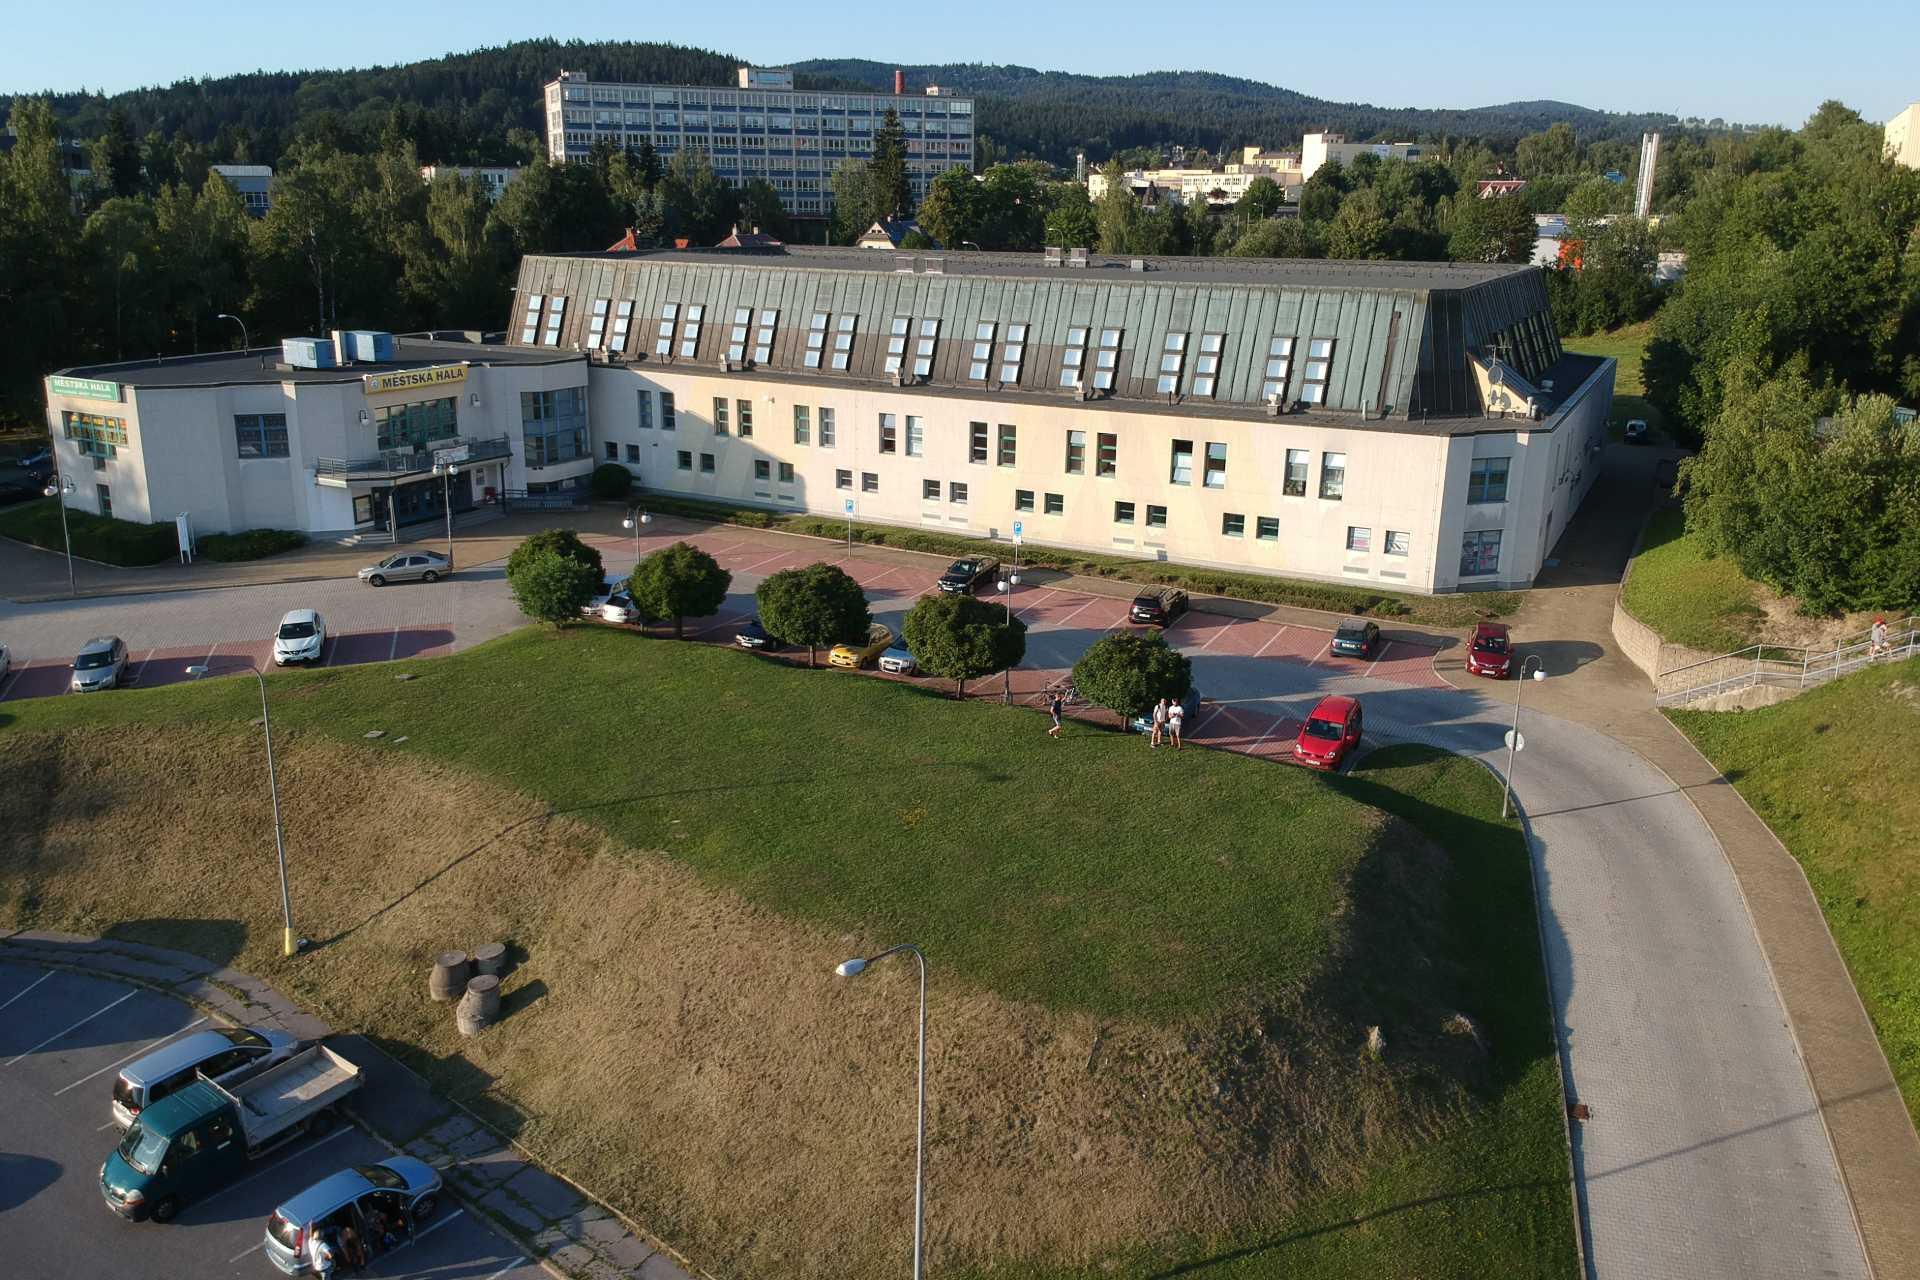 Městská sportovní hala v Jablonci nad Nisou - pohled na budovu z parkoviště